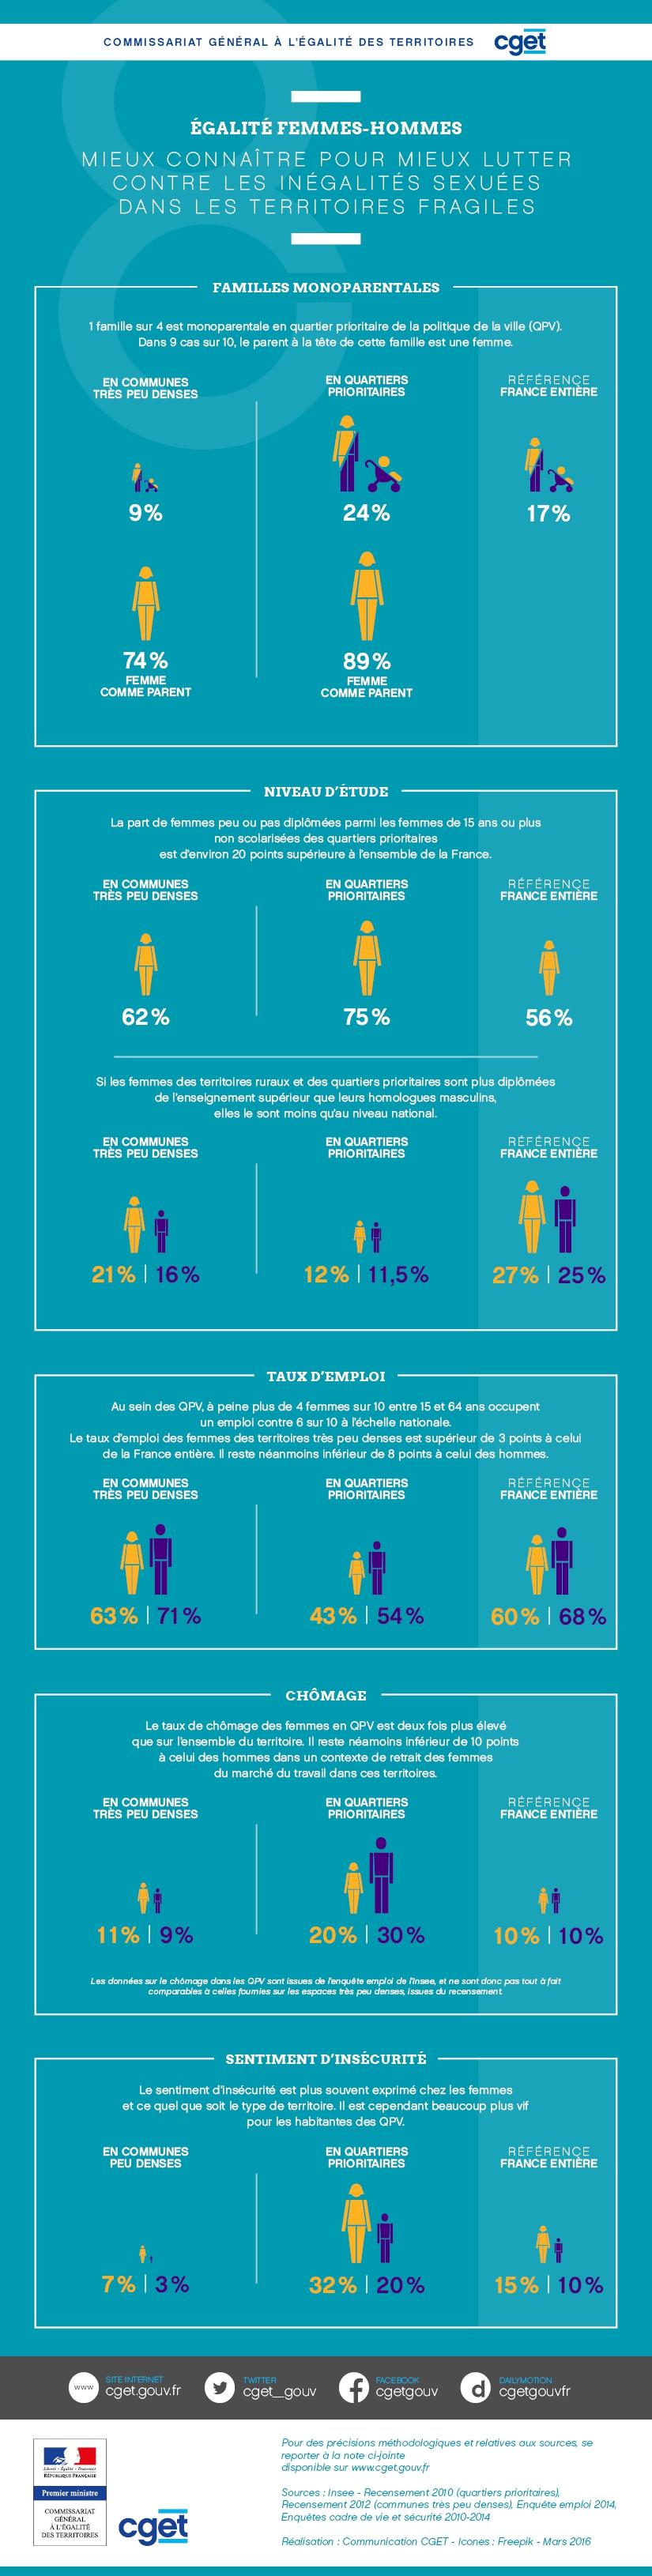 Infographie Mieux connaître pour mieux lutter contre les